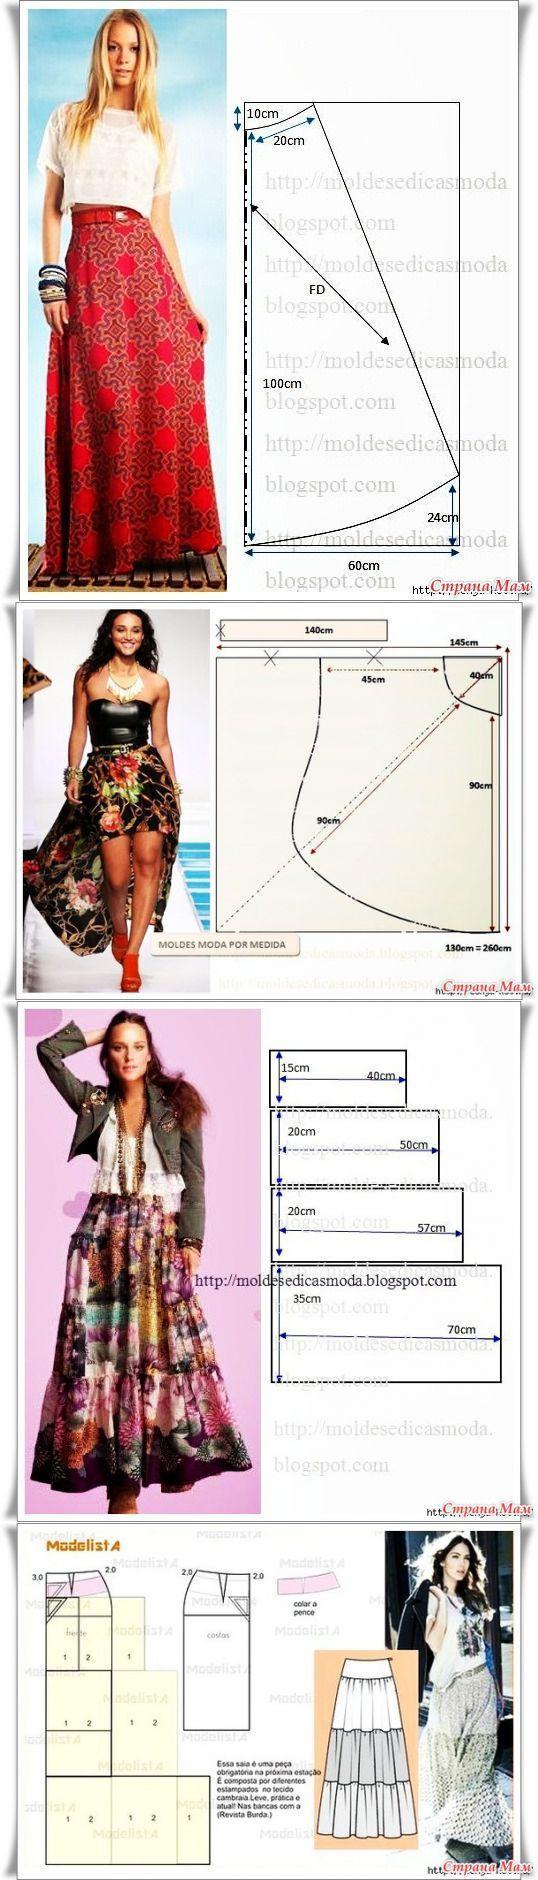 Длинные юбочки - Авторские уроки шитья... моделирование, крой, технолог   шитье   Постила